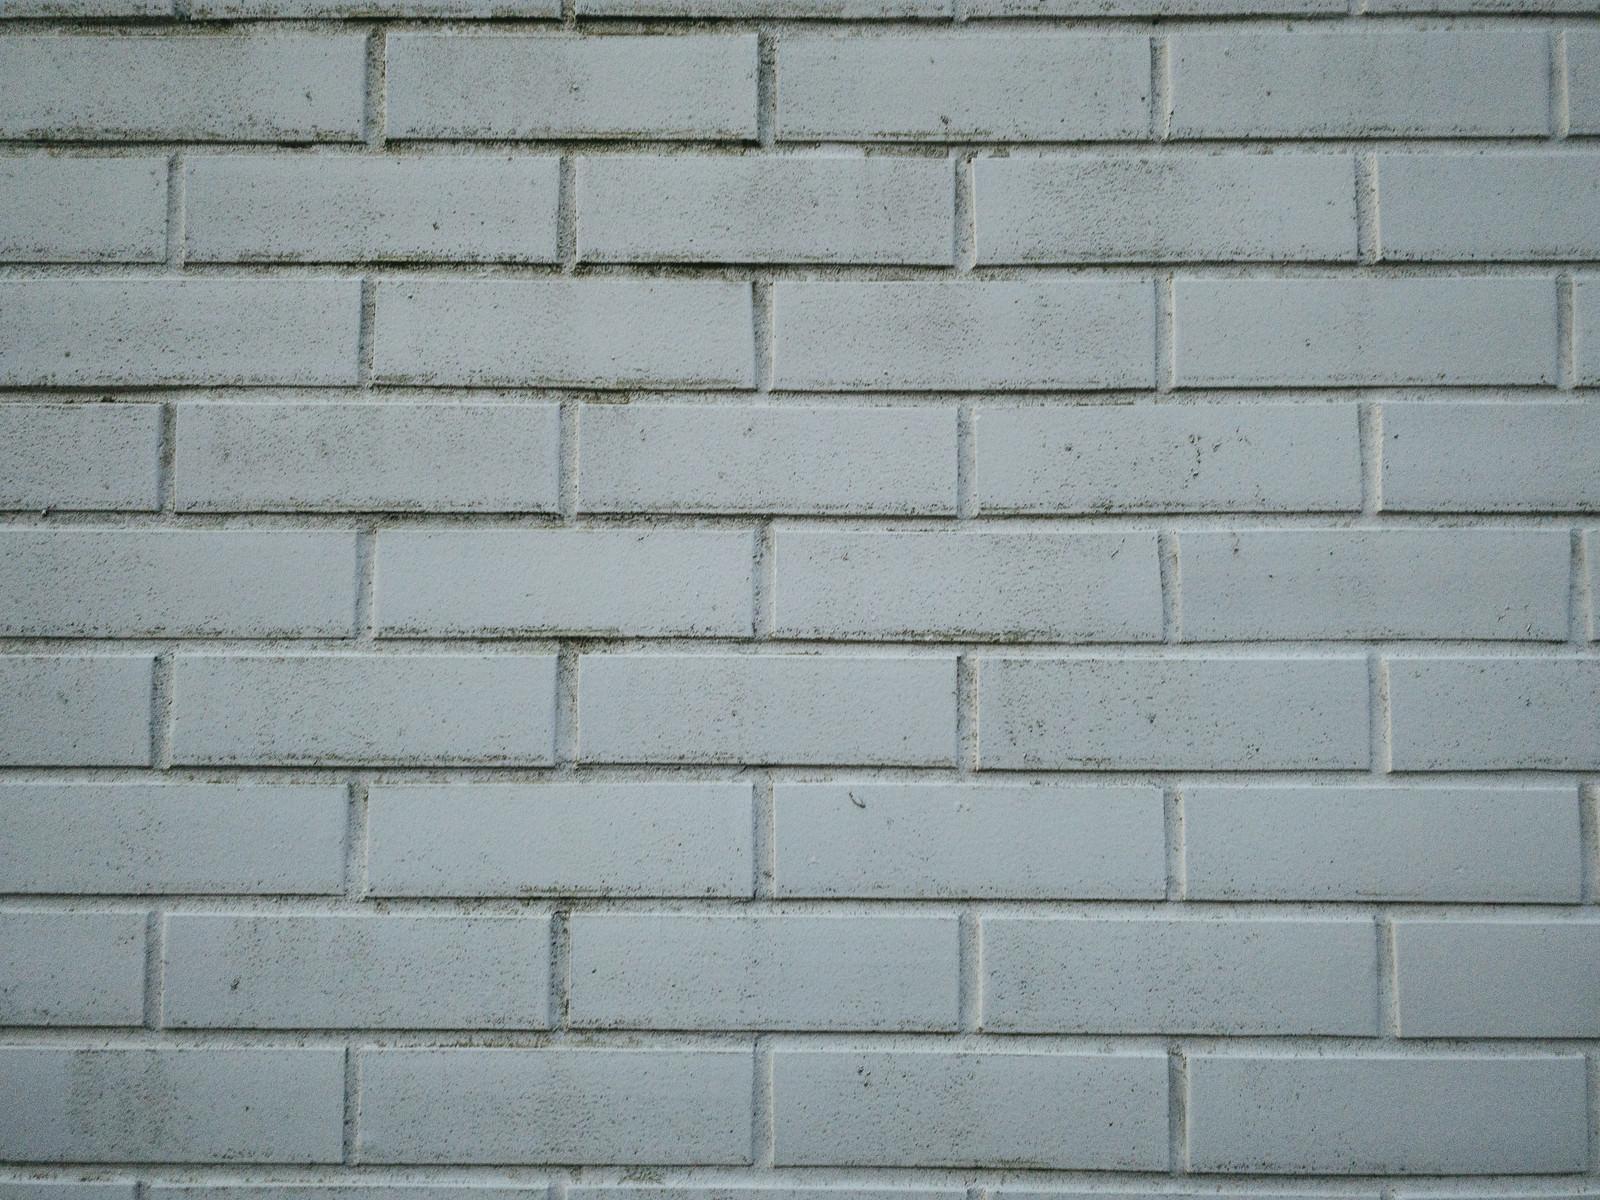 「一色に塗られた煉瓦の壁(テクスチャ)」の写真